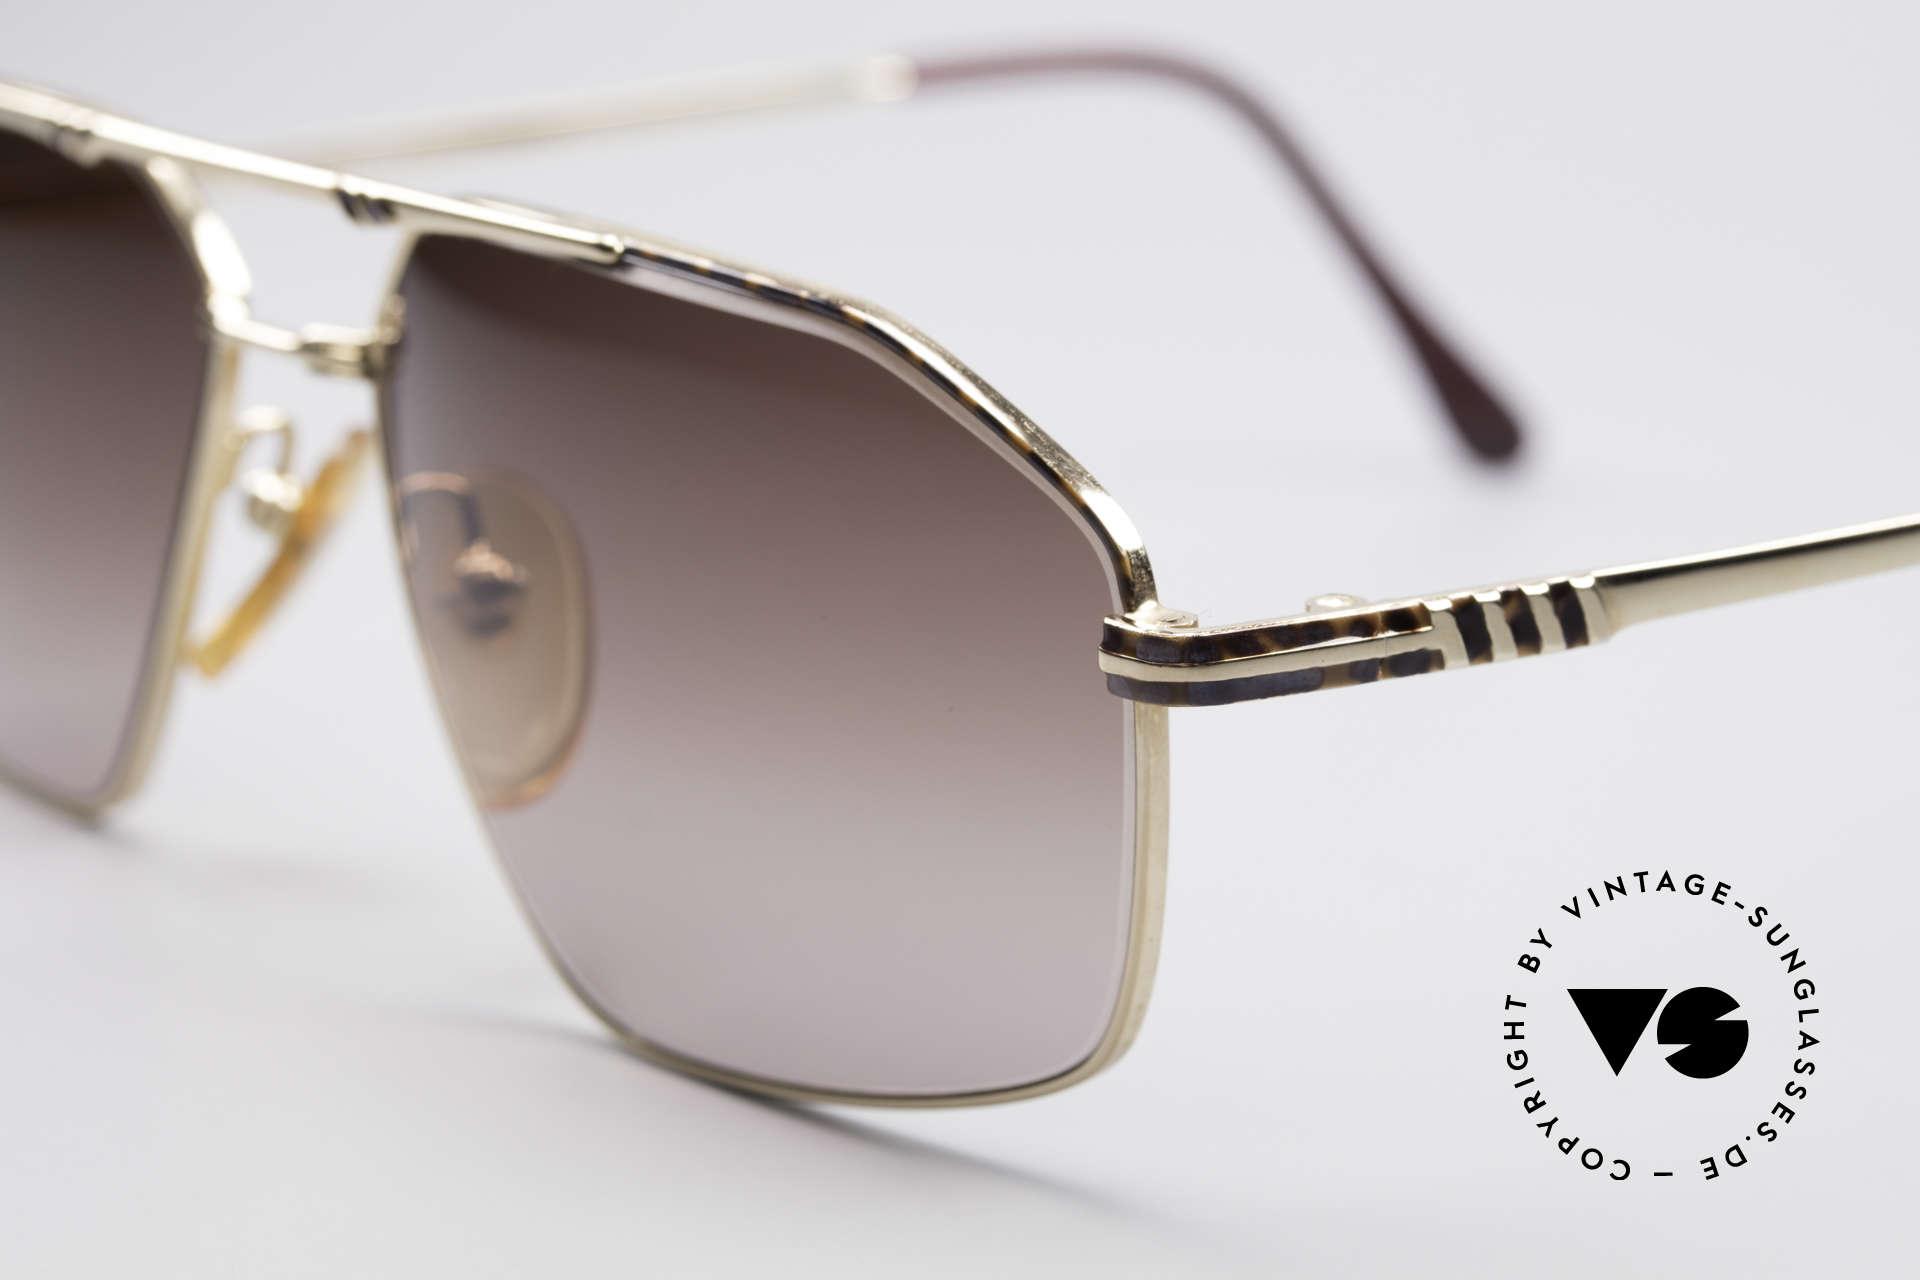 Yves Saint Laurent Aeson Vintage Sonnenbrille, sehr breite Fassung (148mm) mit subtilem Farbmuster, Passend für Herren